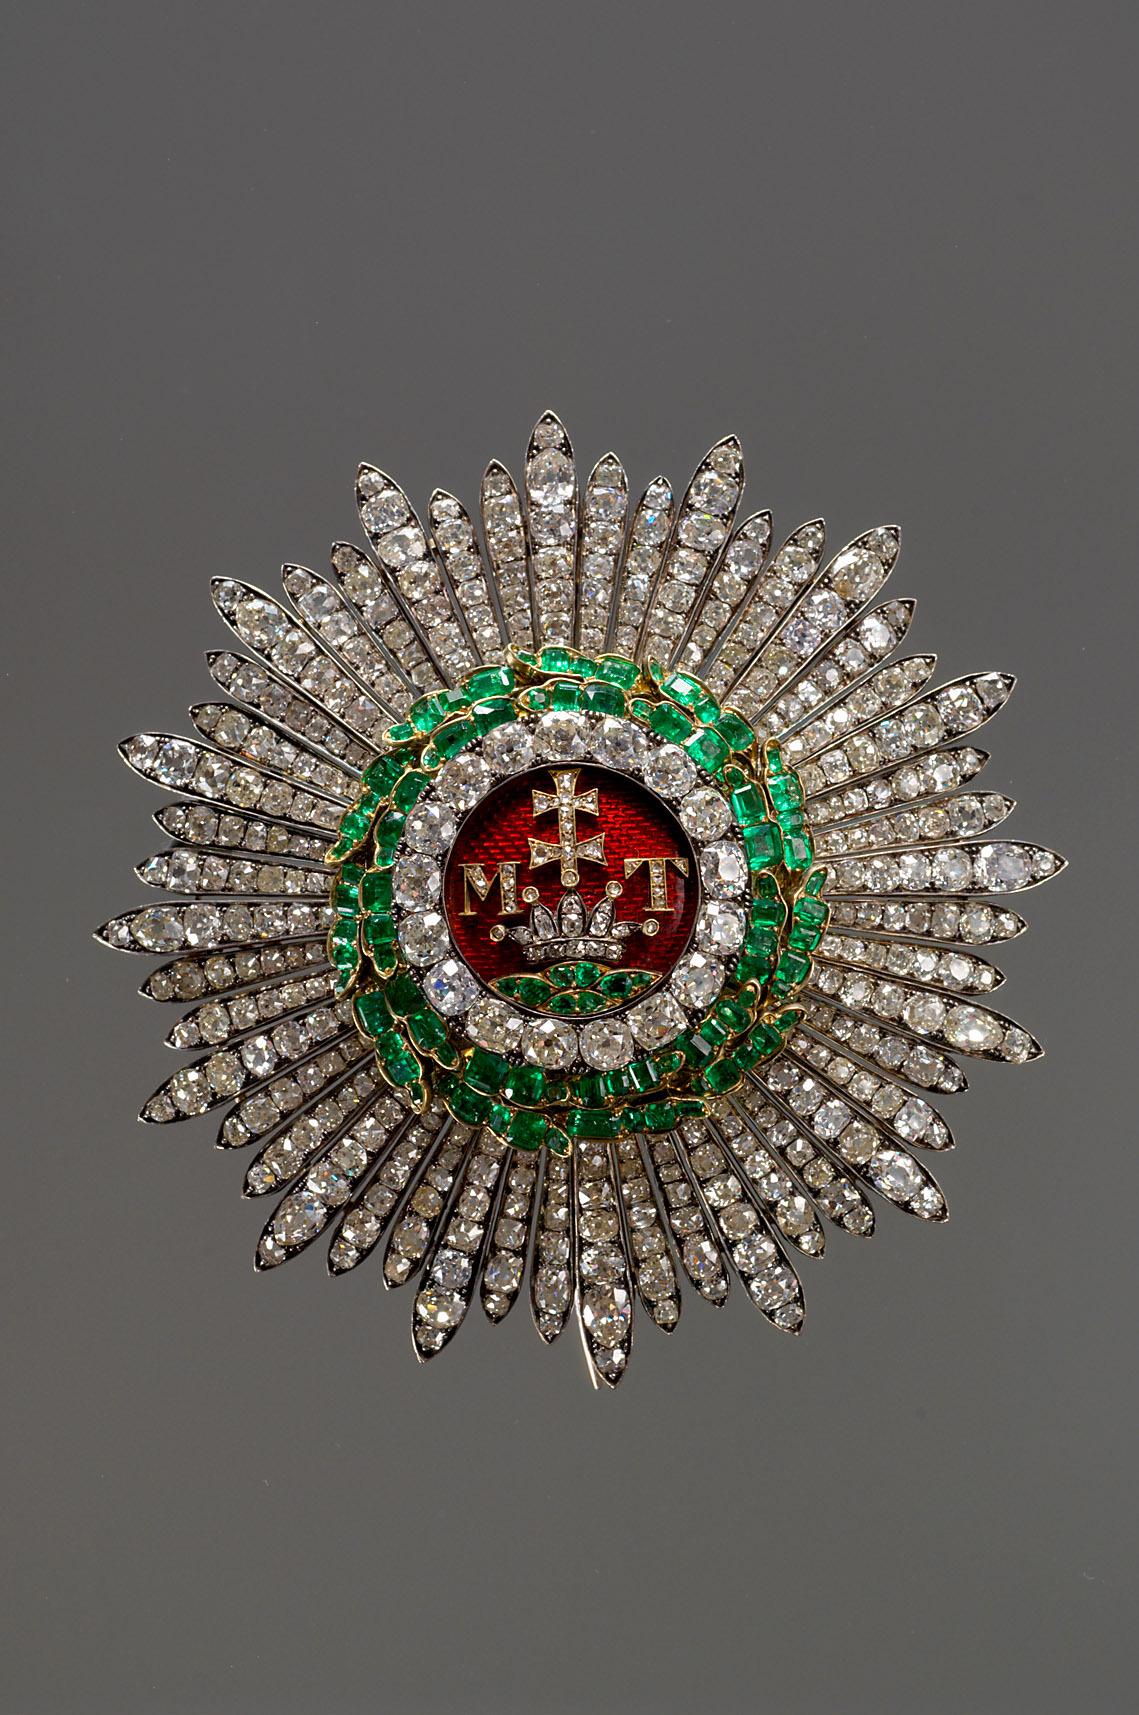 Stern des ungarischen St. Stephans-Ordens von Joseph und Anton Biedermann